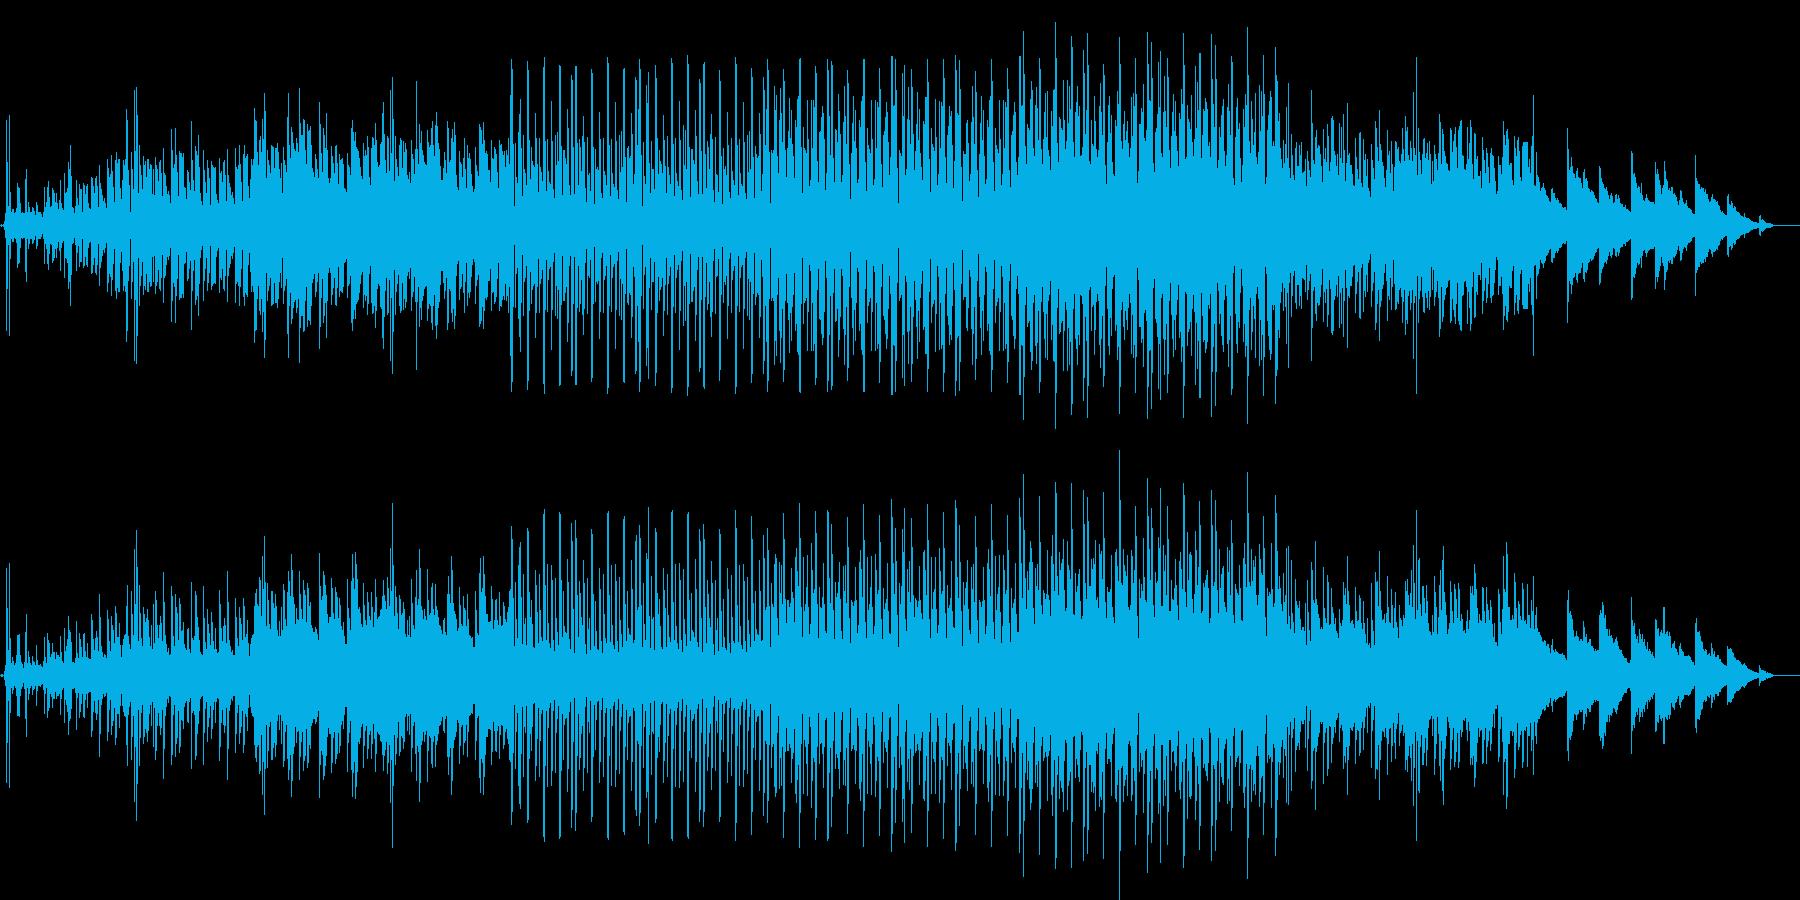 切なめのフューチャーテクノの再生済みの波形